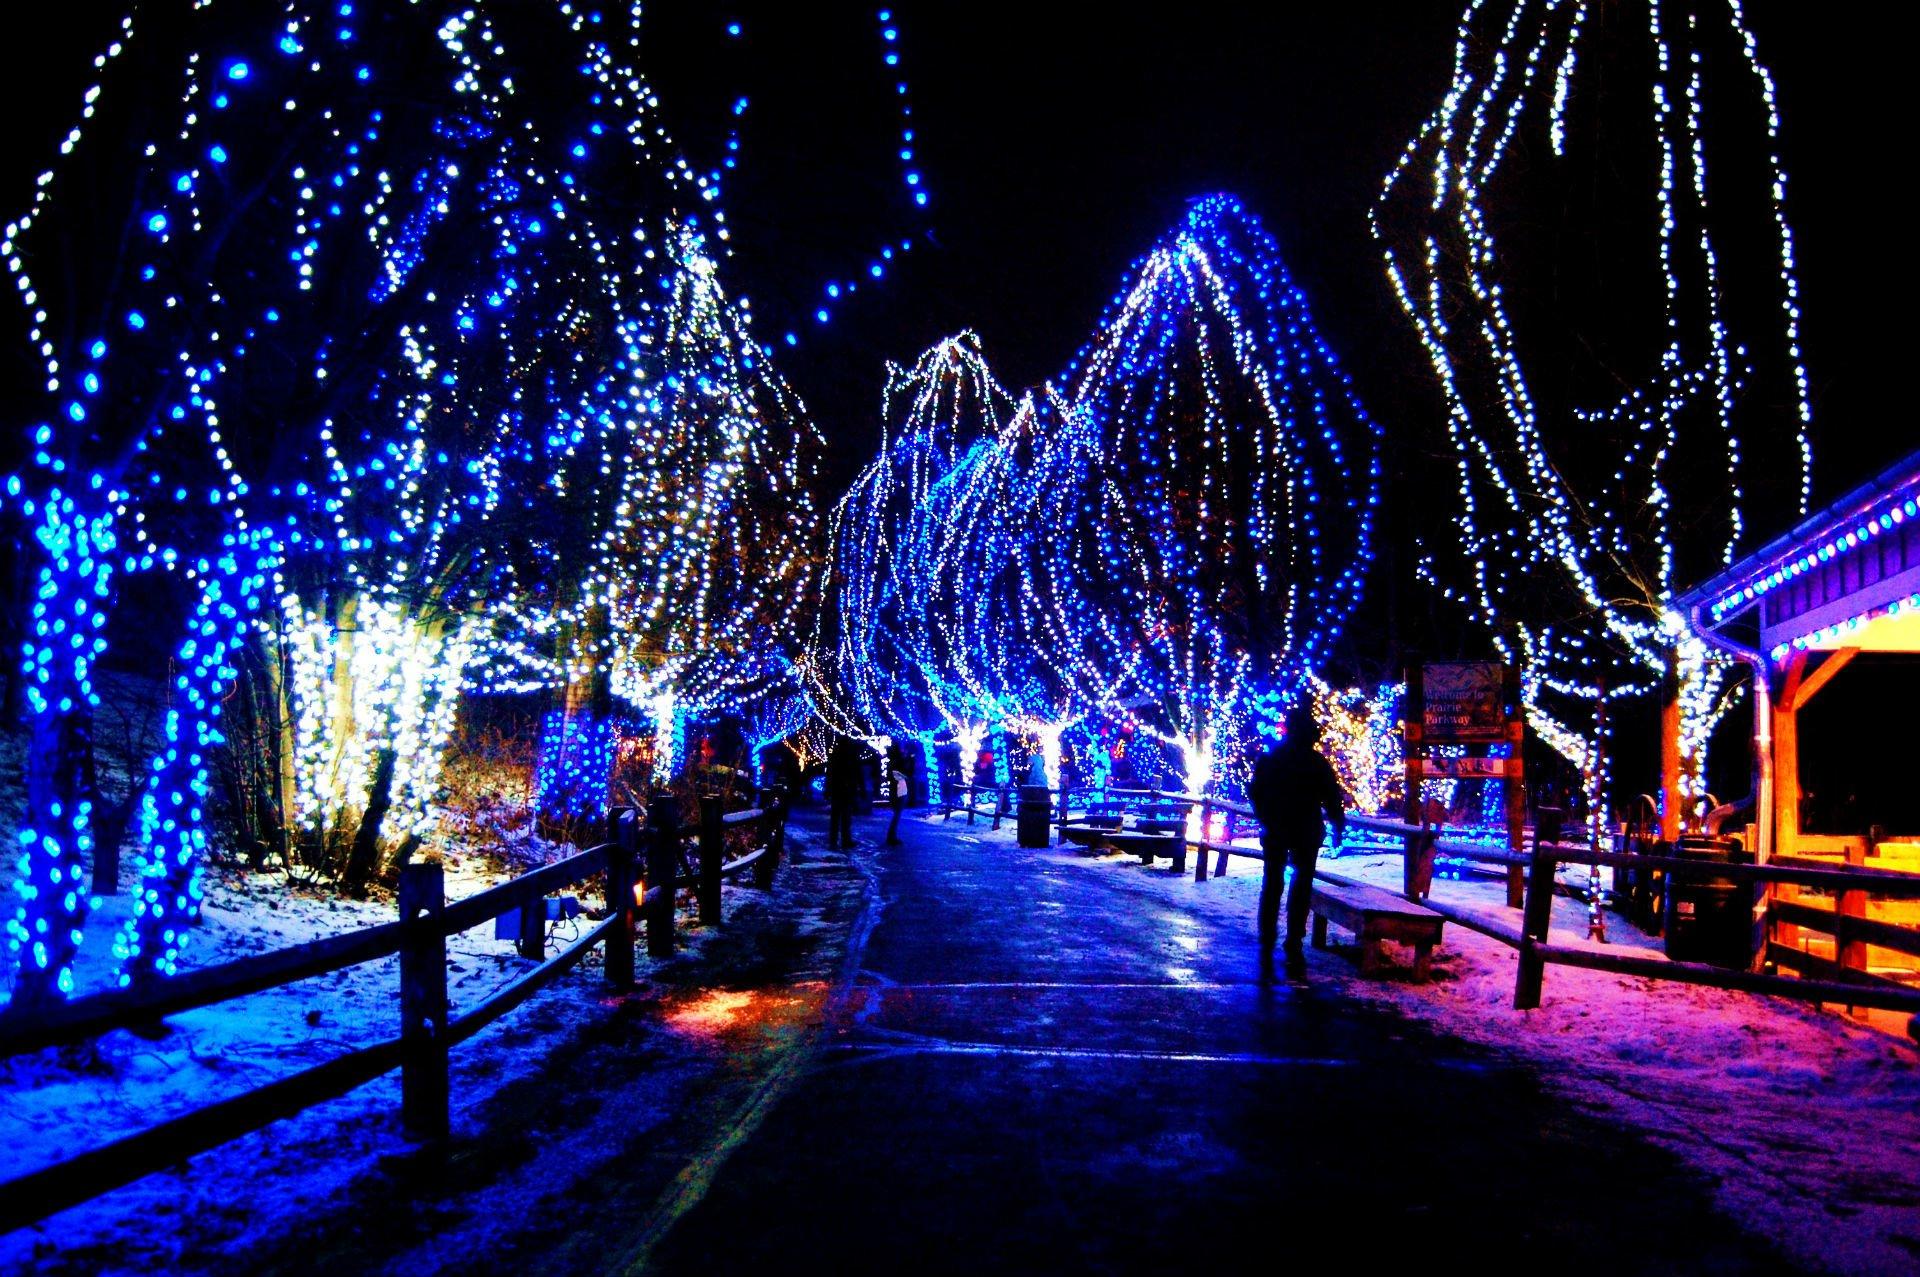 Fondo De Pantalla 3d De Navidad De Santa Vas De Luna Hd: Christmas HD Wallpaper